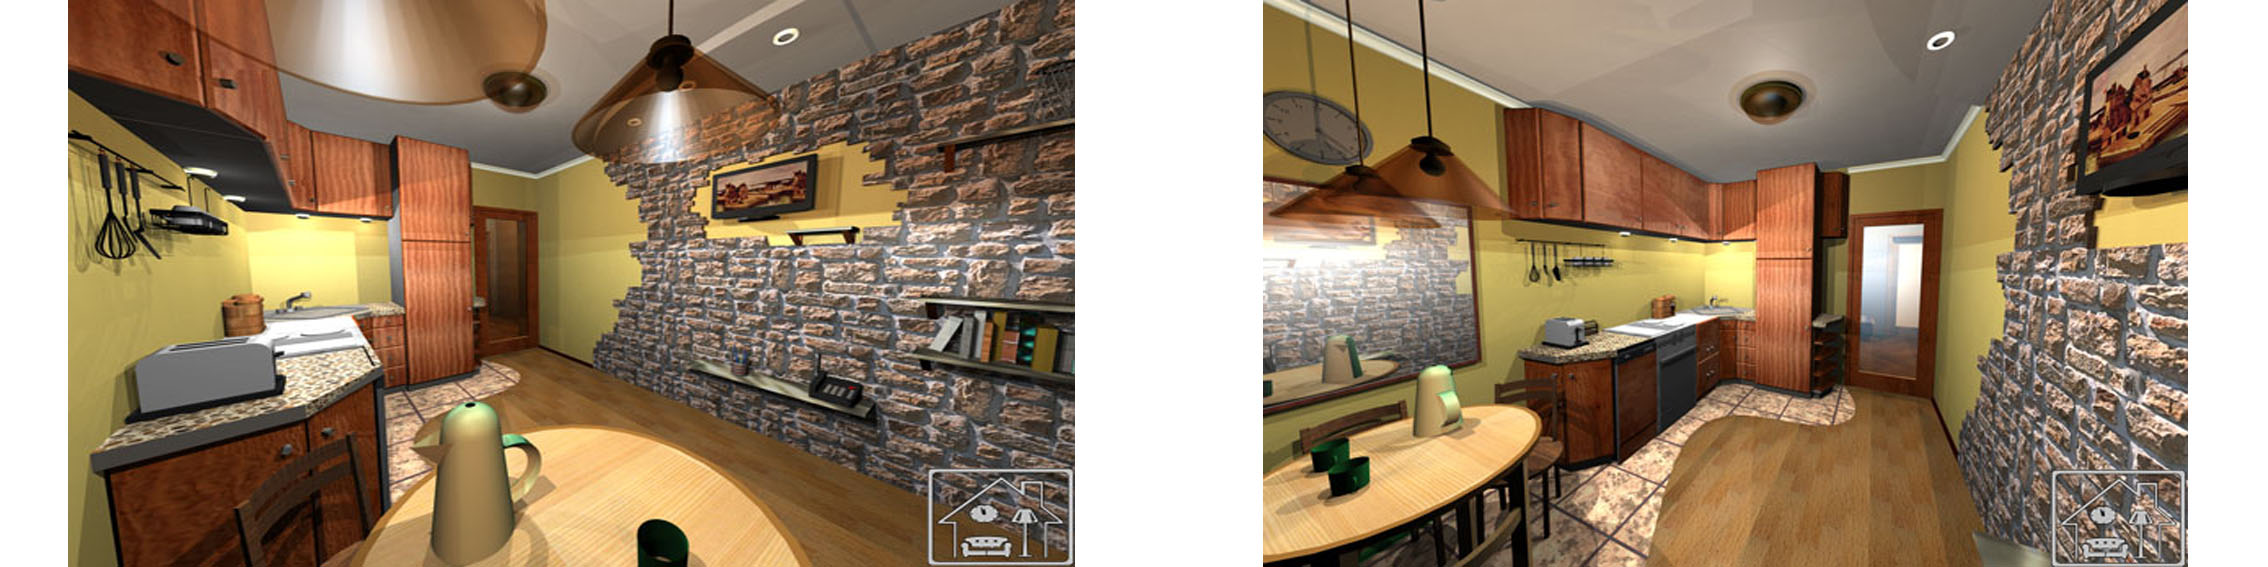 Кухня с отделкой камнем